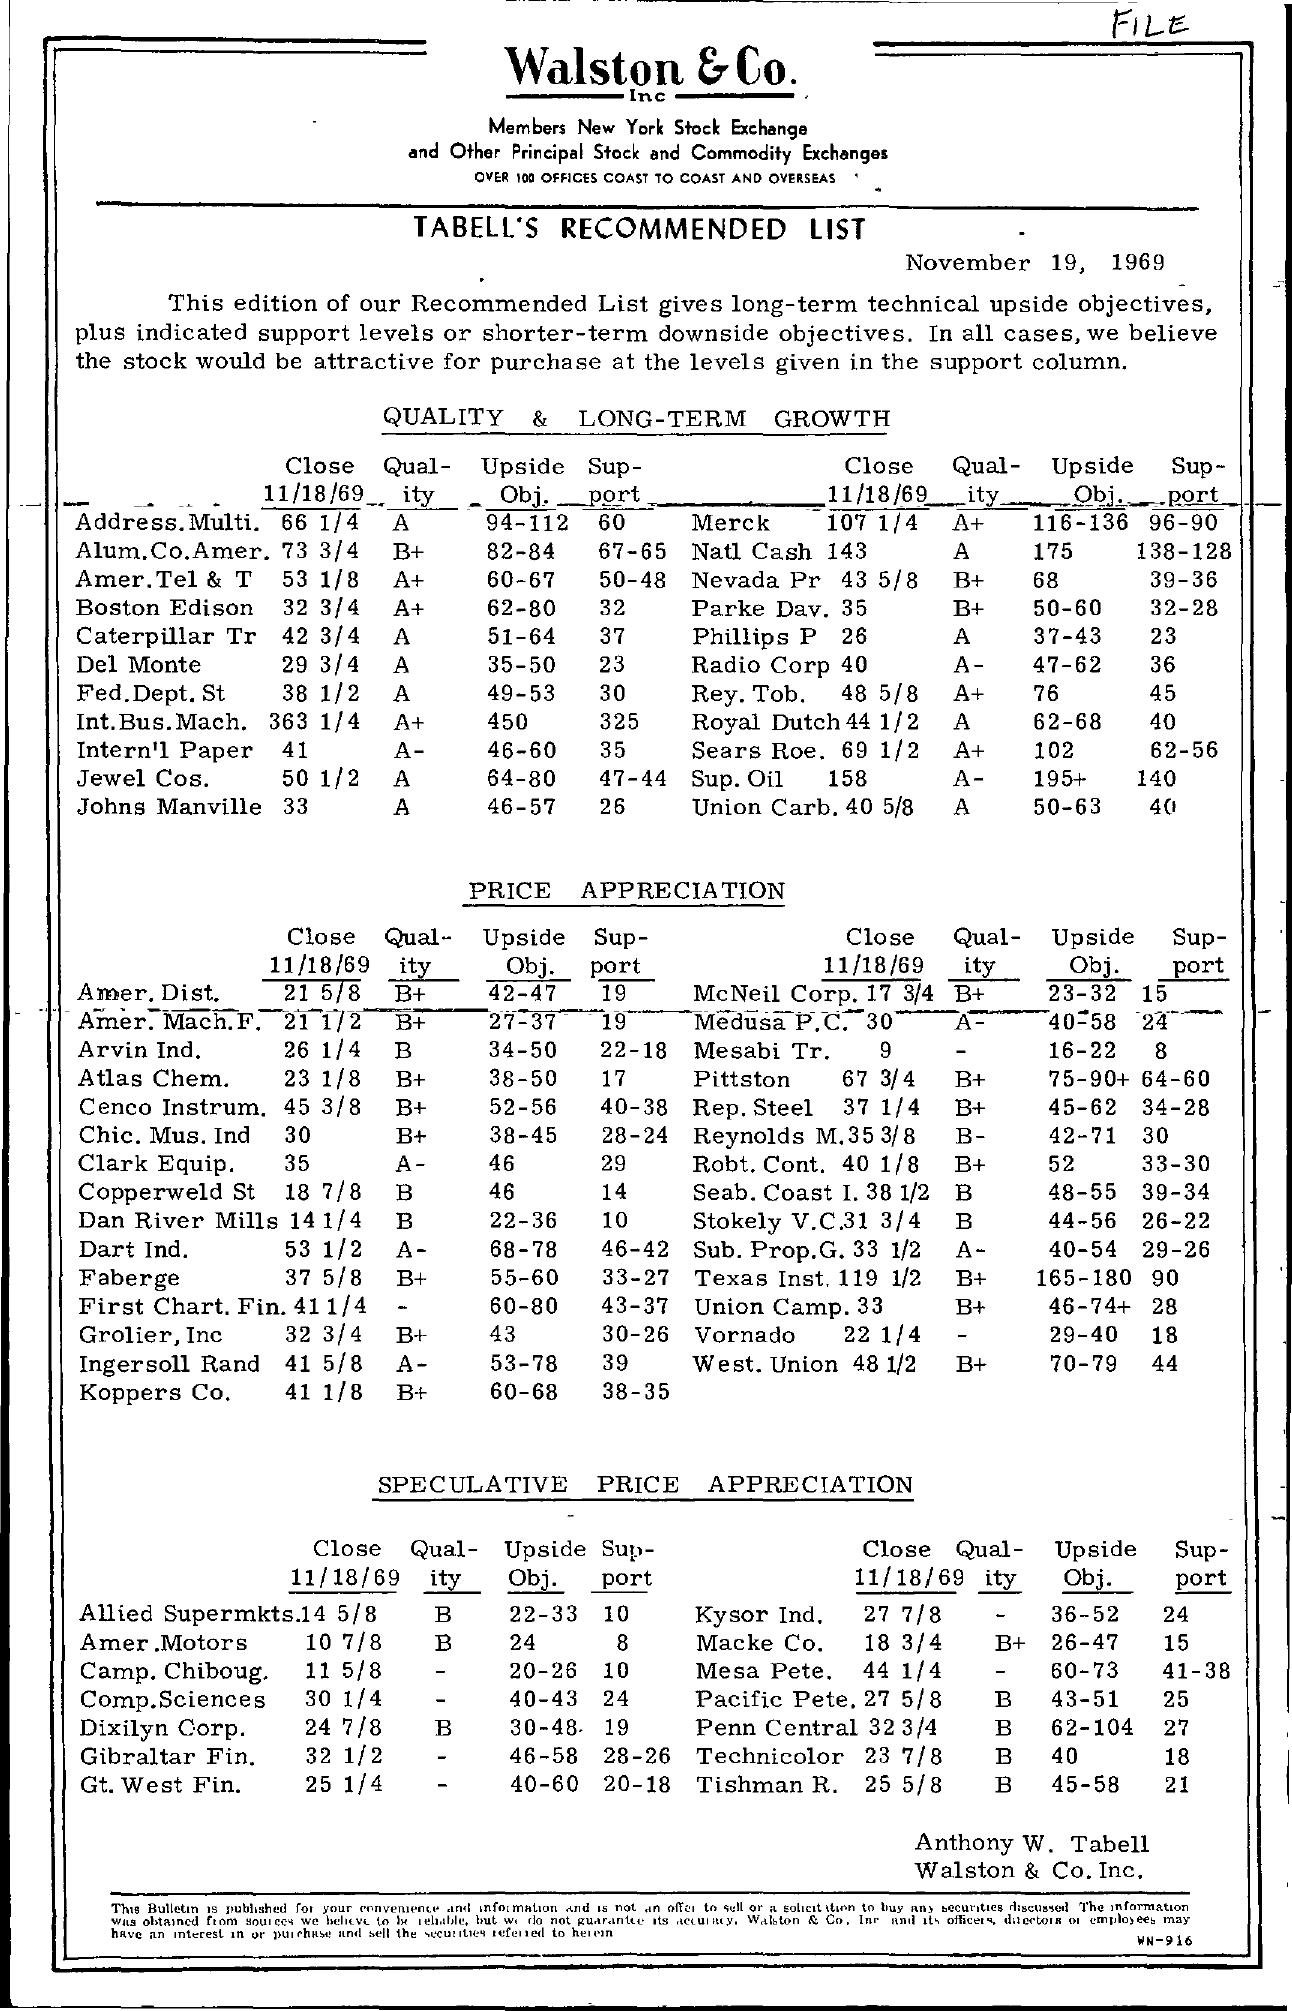 Tabell's Market Letter - November 19, 1969